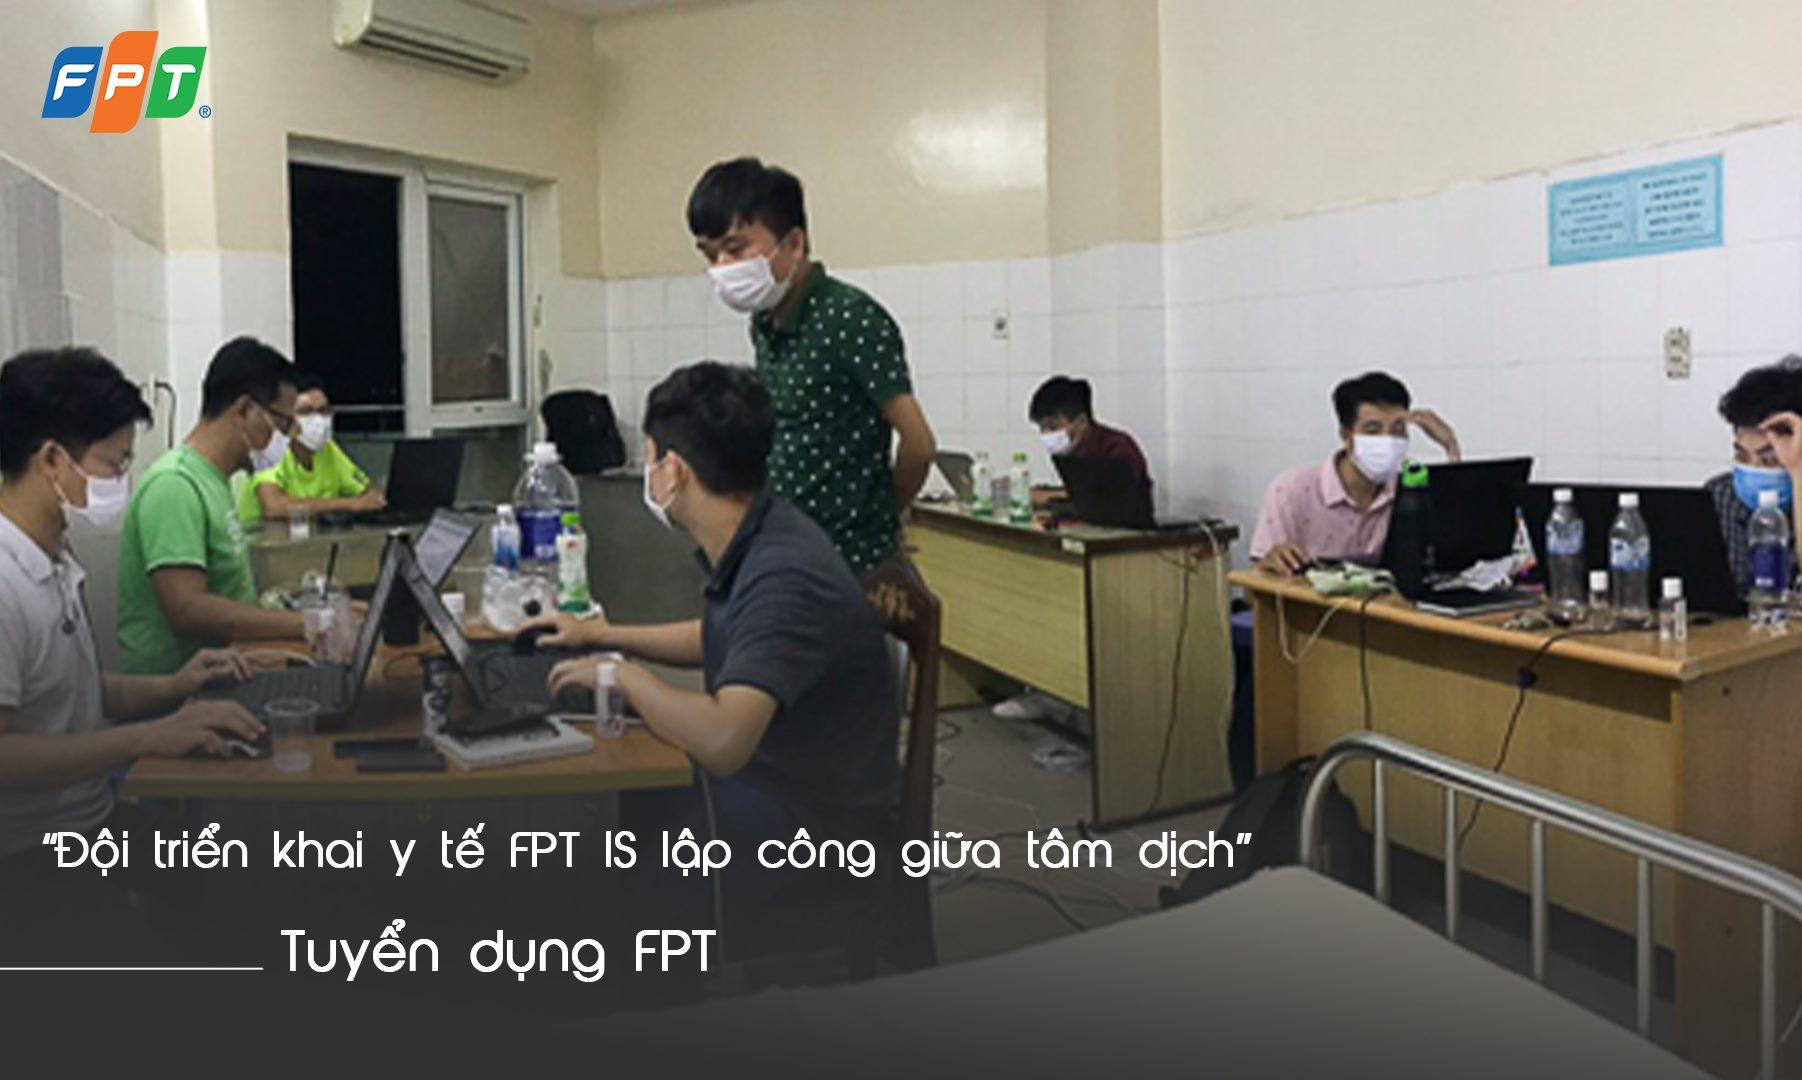 Đội triển khai y tế FPT IS lập công giữa tâm dịch